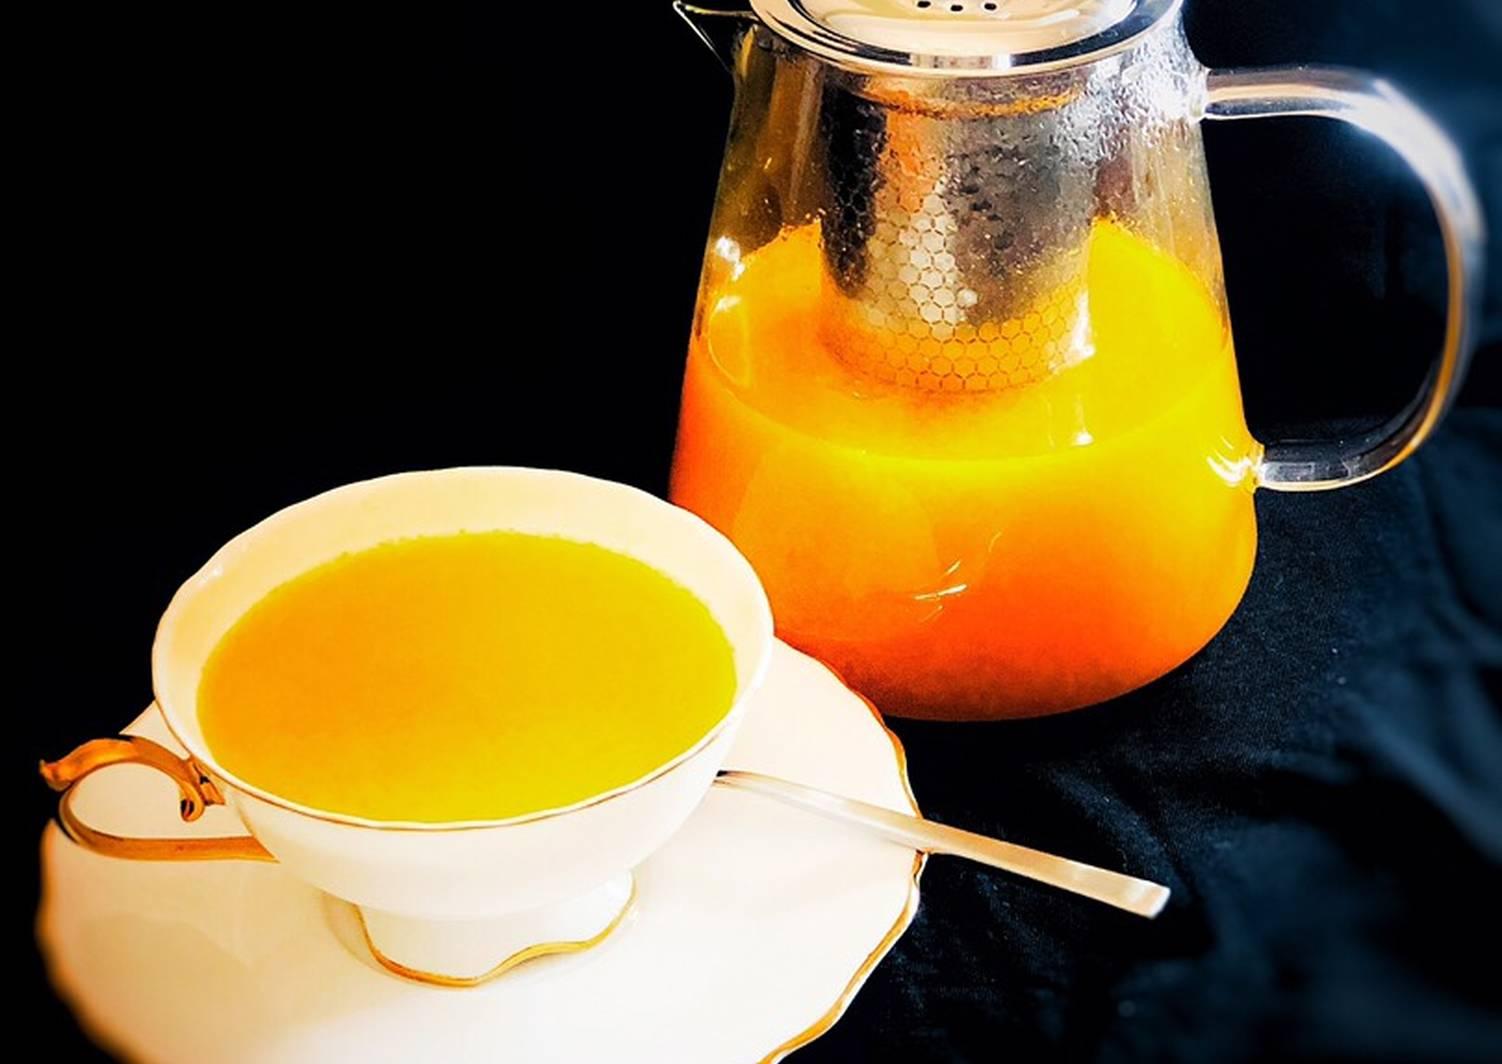 облепиховый чай рецепт с фото машину